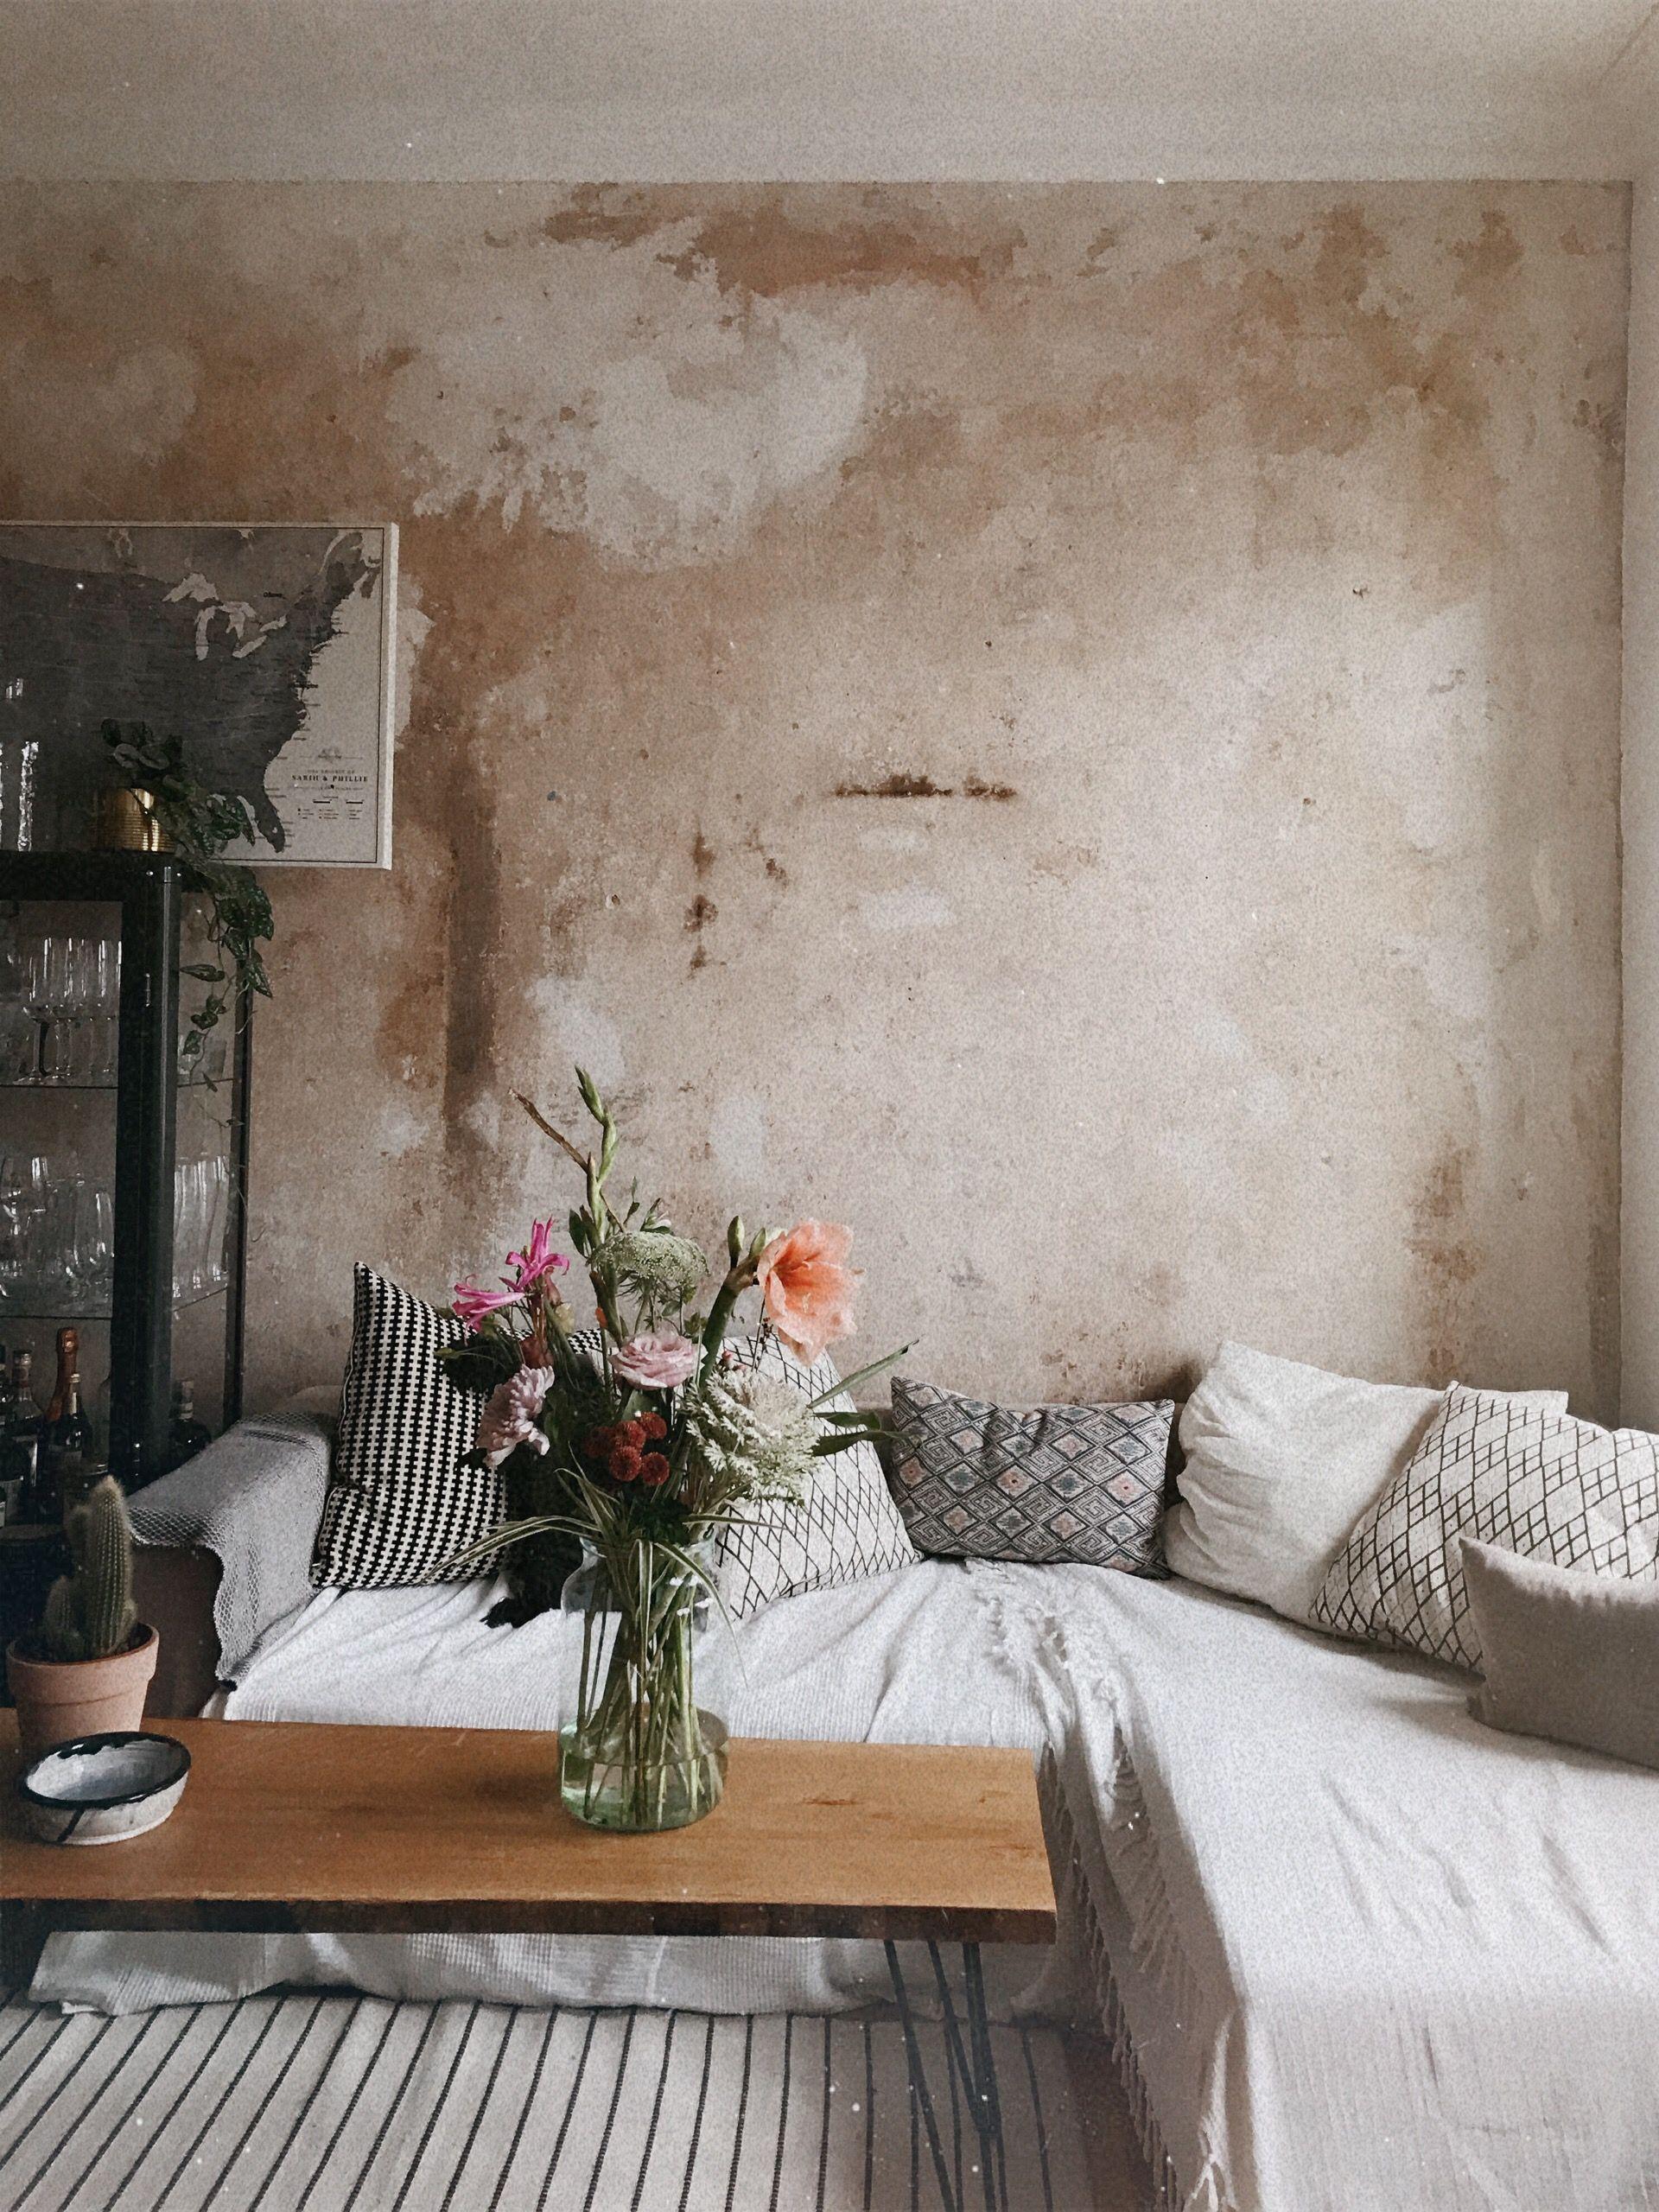 Textured Wall Q A Zu Unserer Rohen Wand In 2021 Wohnzimmerwand Zimmerdekoration Zuhause